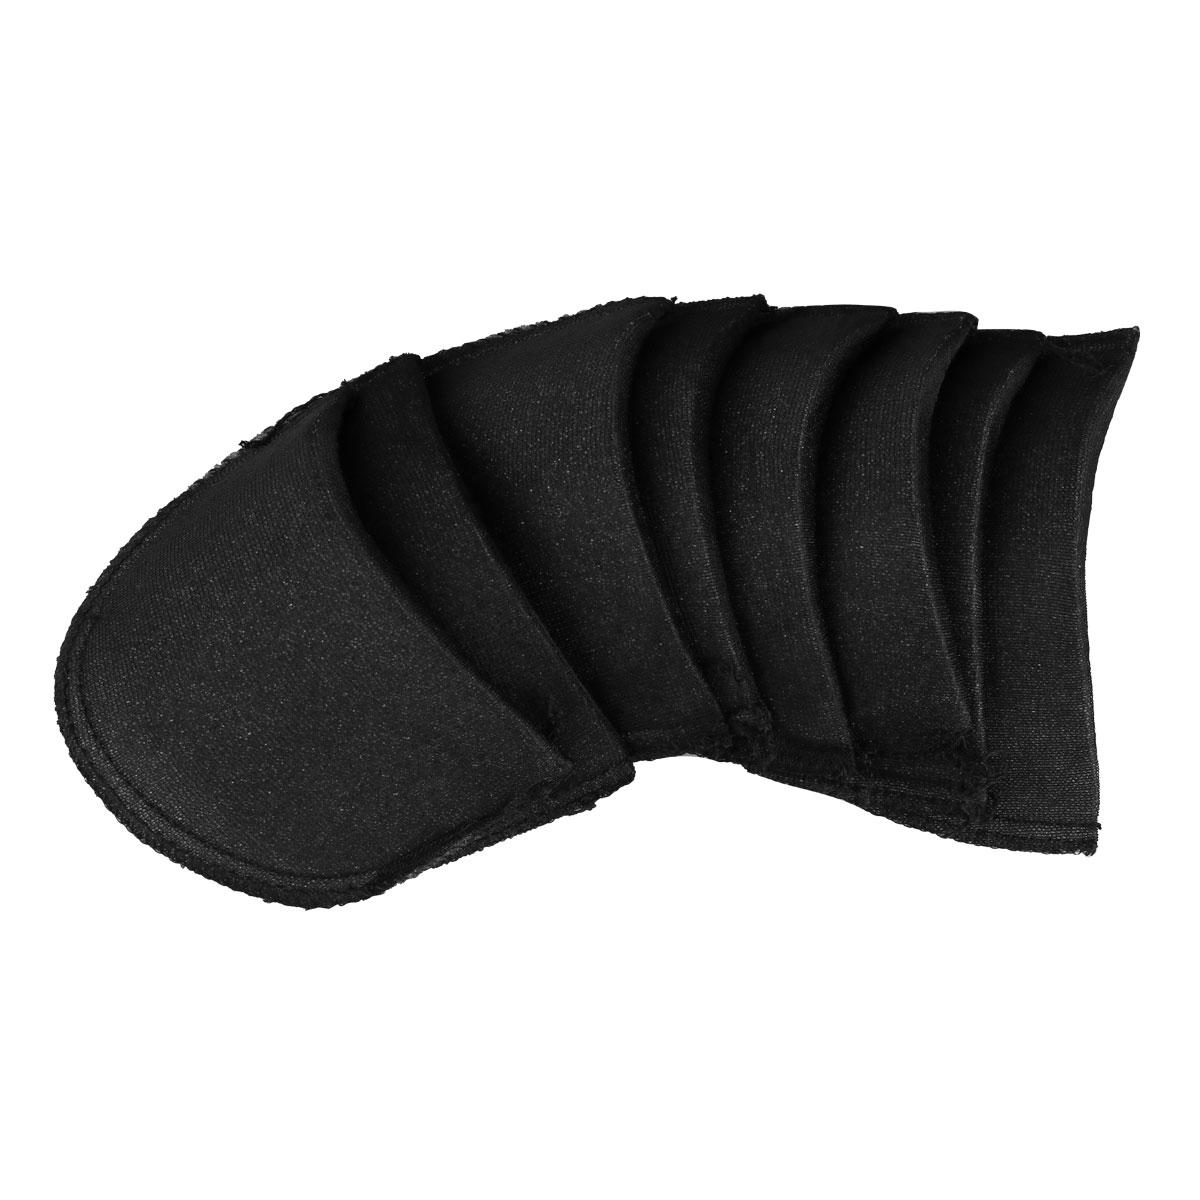 Almohadillas de espuma antideslizantes para hombro con relleno suave en ee.uu., 4 pares, potenciador para Blazer, camiseta, accesorios de costura para ropa